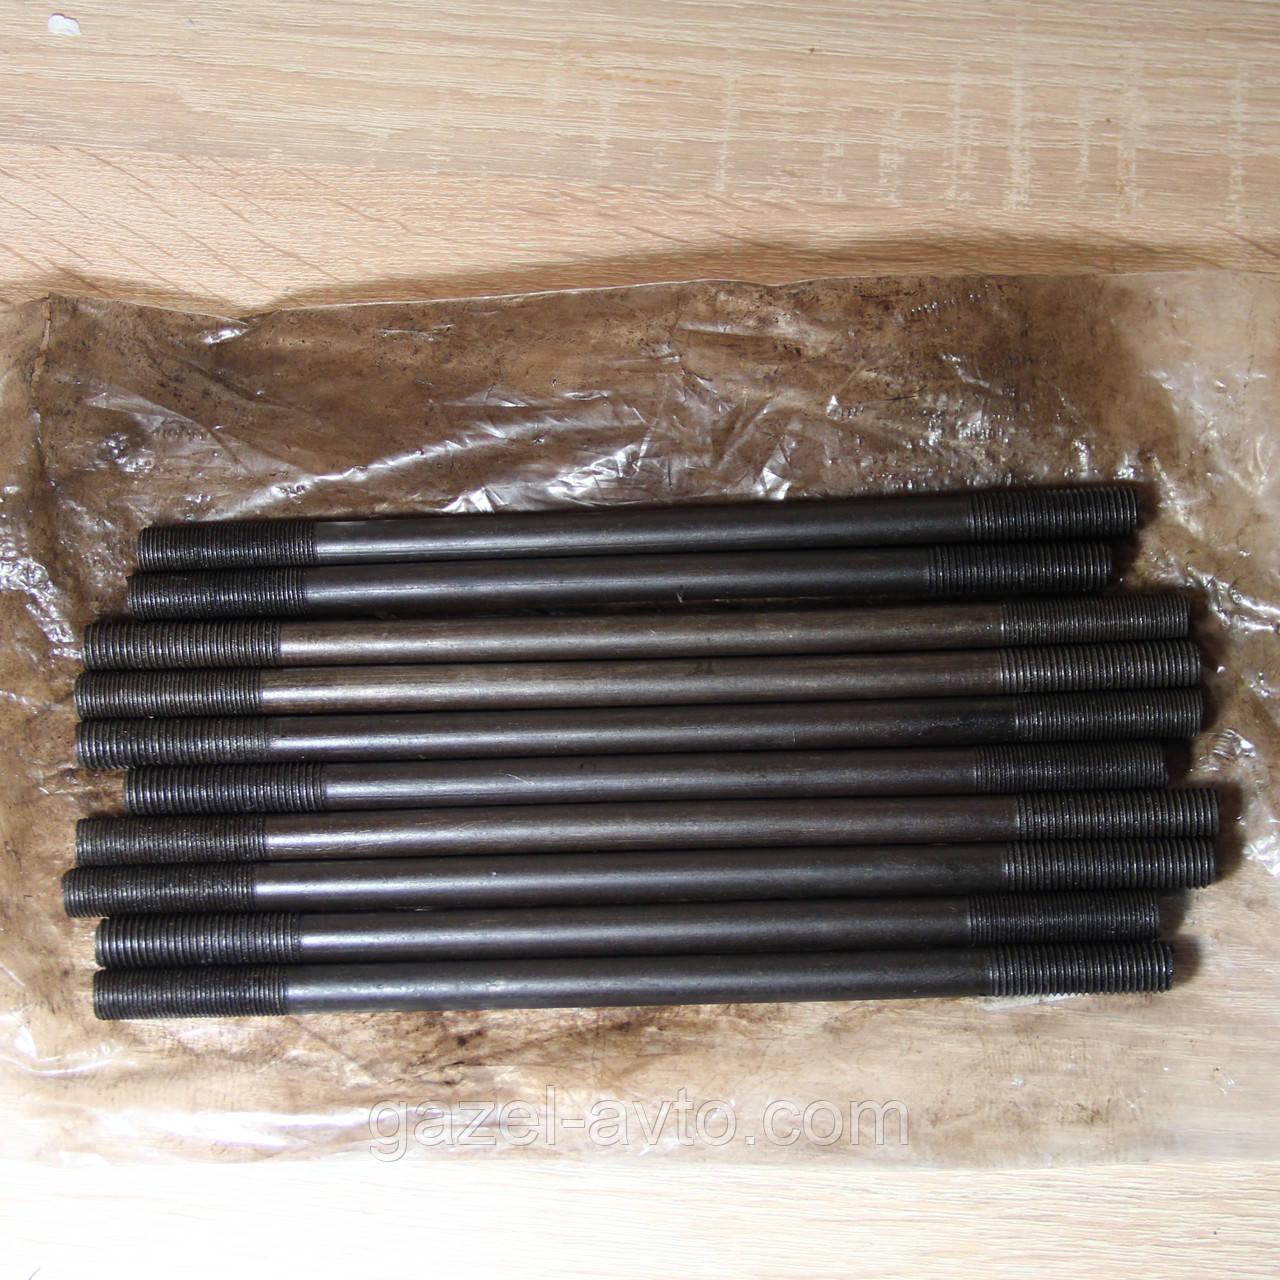 Шпилька блока цилиндров Волга 2401 d=11 (комплект 10 шт) (пр-во Россия)